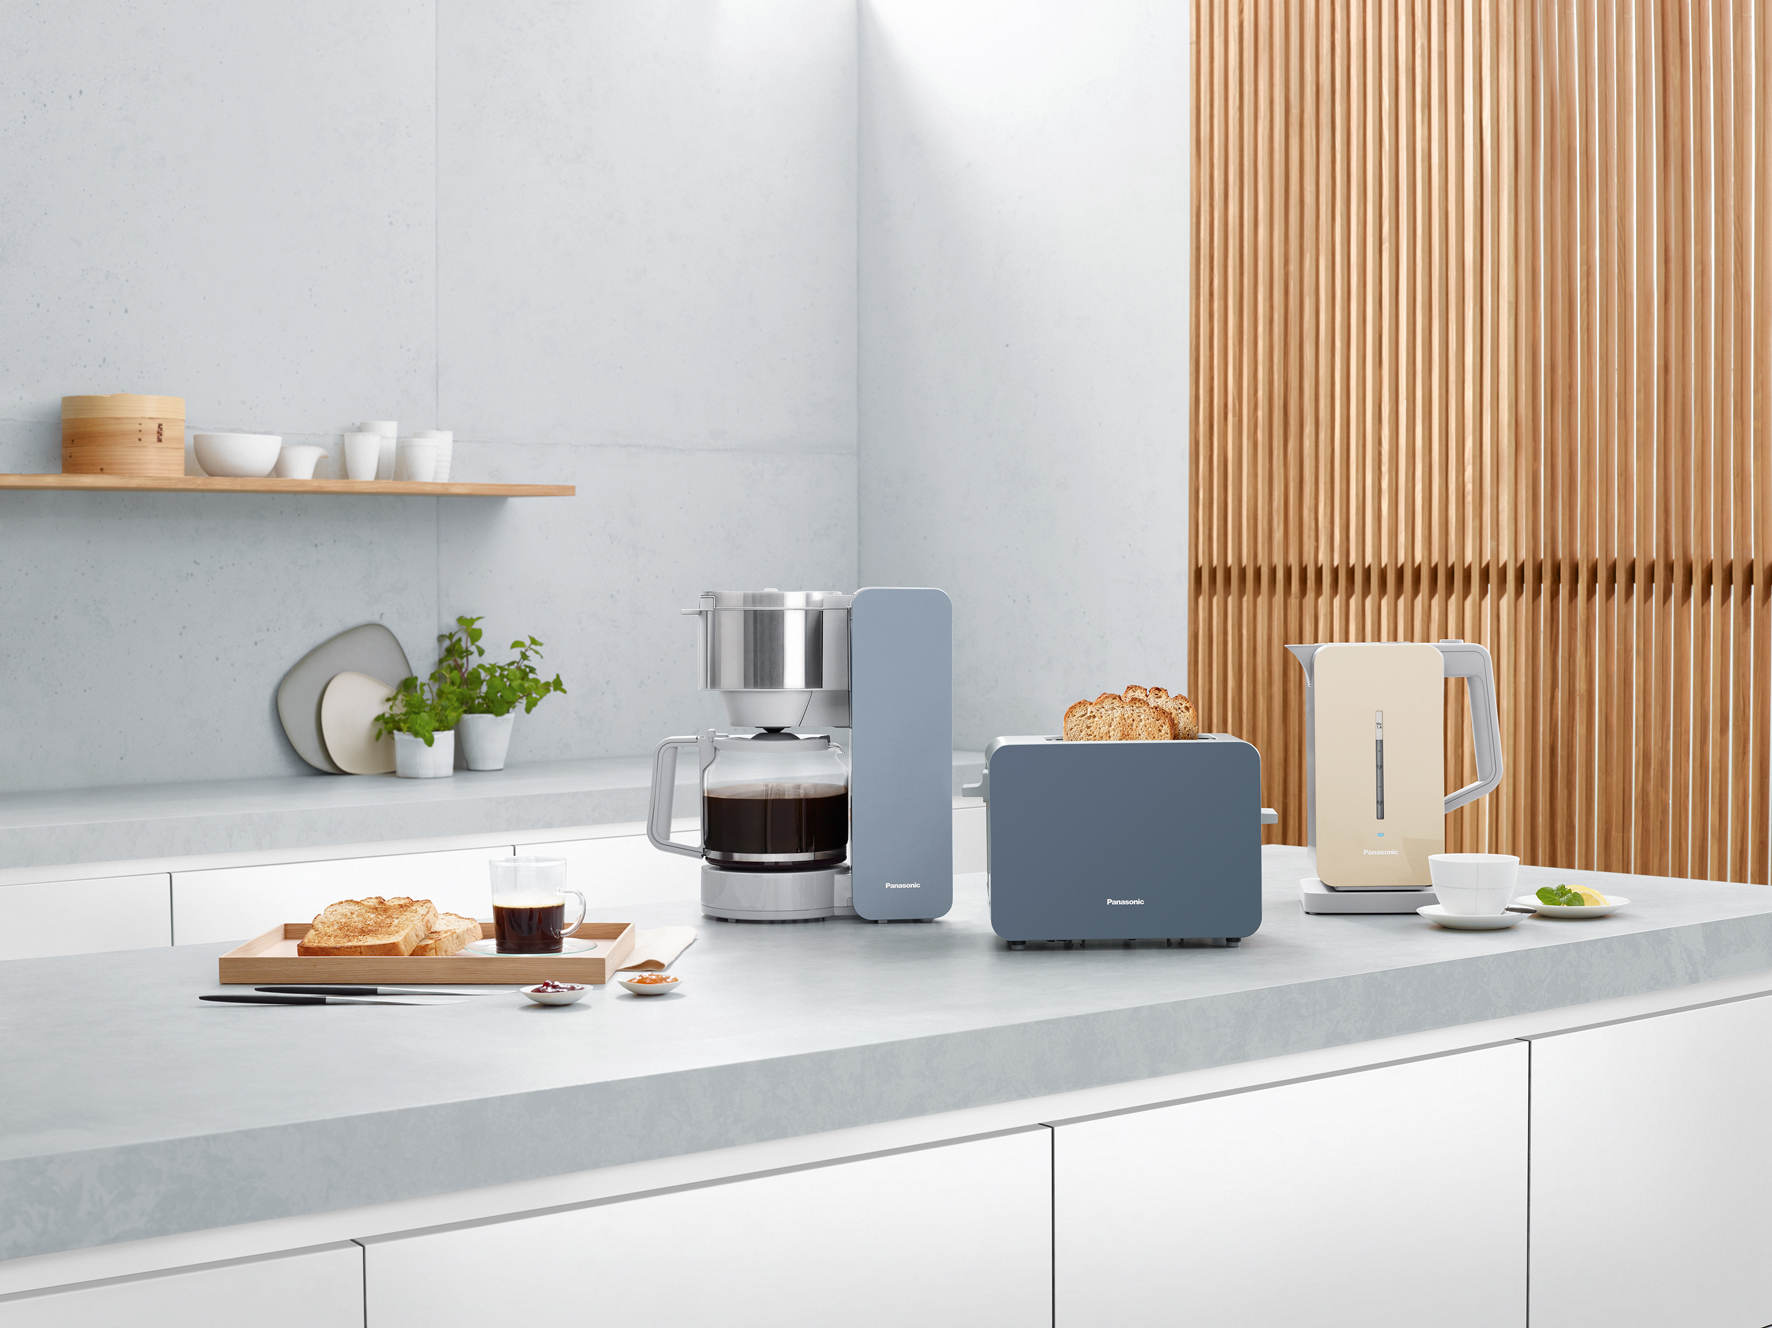 ▷ Panasonic auf der IFA 2016: Edle Design-Accessoires für die Küche ...